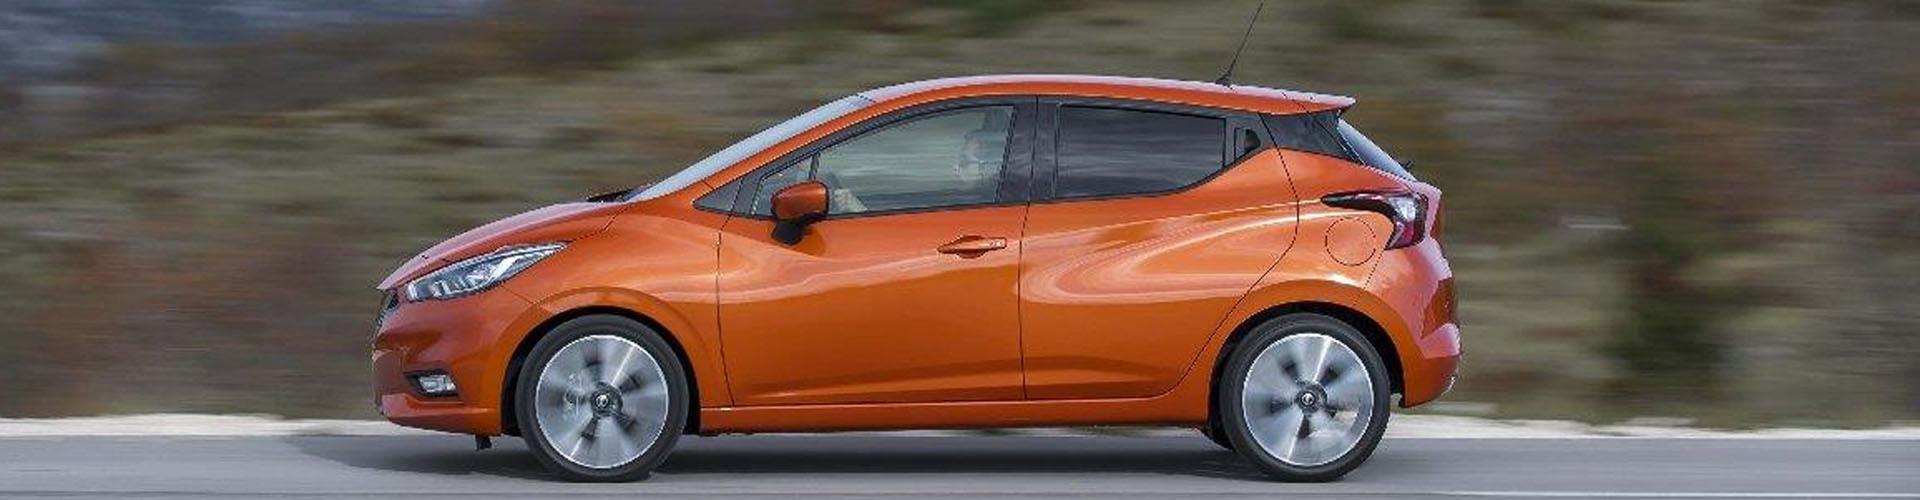 2020 Nissan Micra Modelleri Ve Fiyatlari Nissan Micra Teklifi Al